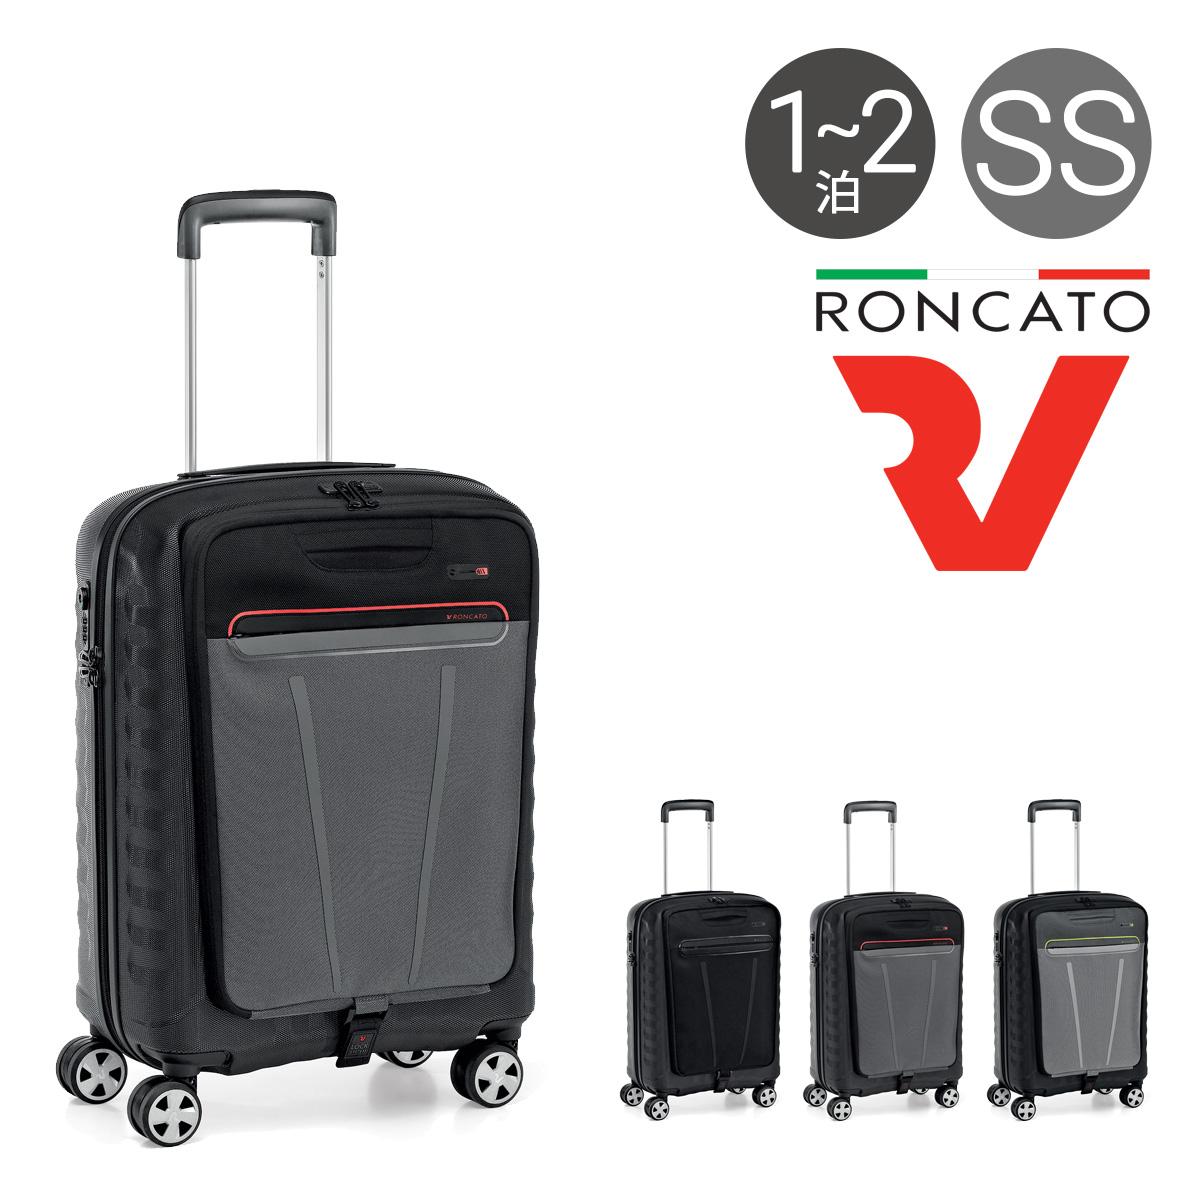 ロンカート RONCATO スーツケース 5145 DOUBLE 55cm 【 ダブル 10年保証 フロントオープン 軽量 イタリア製 TSAロック搭載 キャリーケース 】【PO10】【bef】